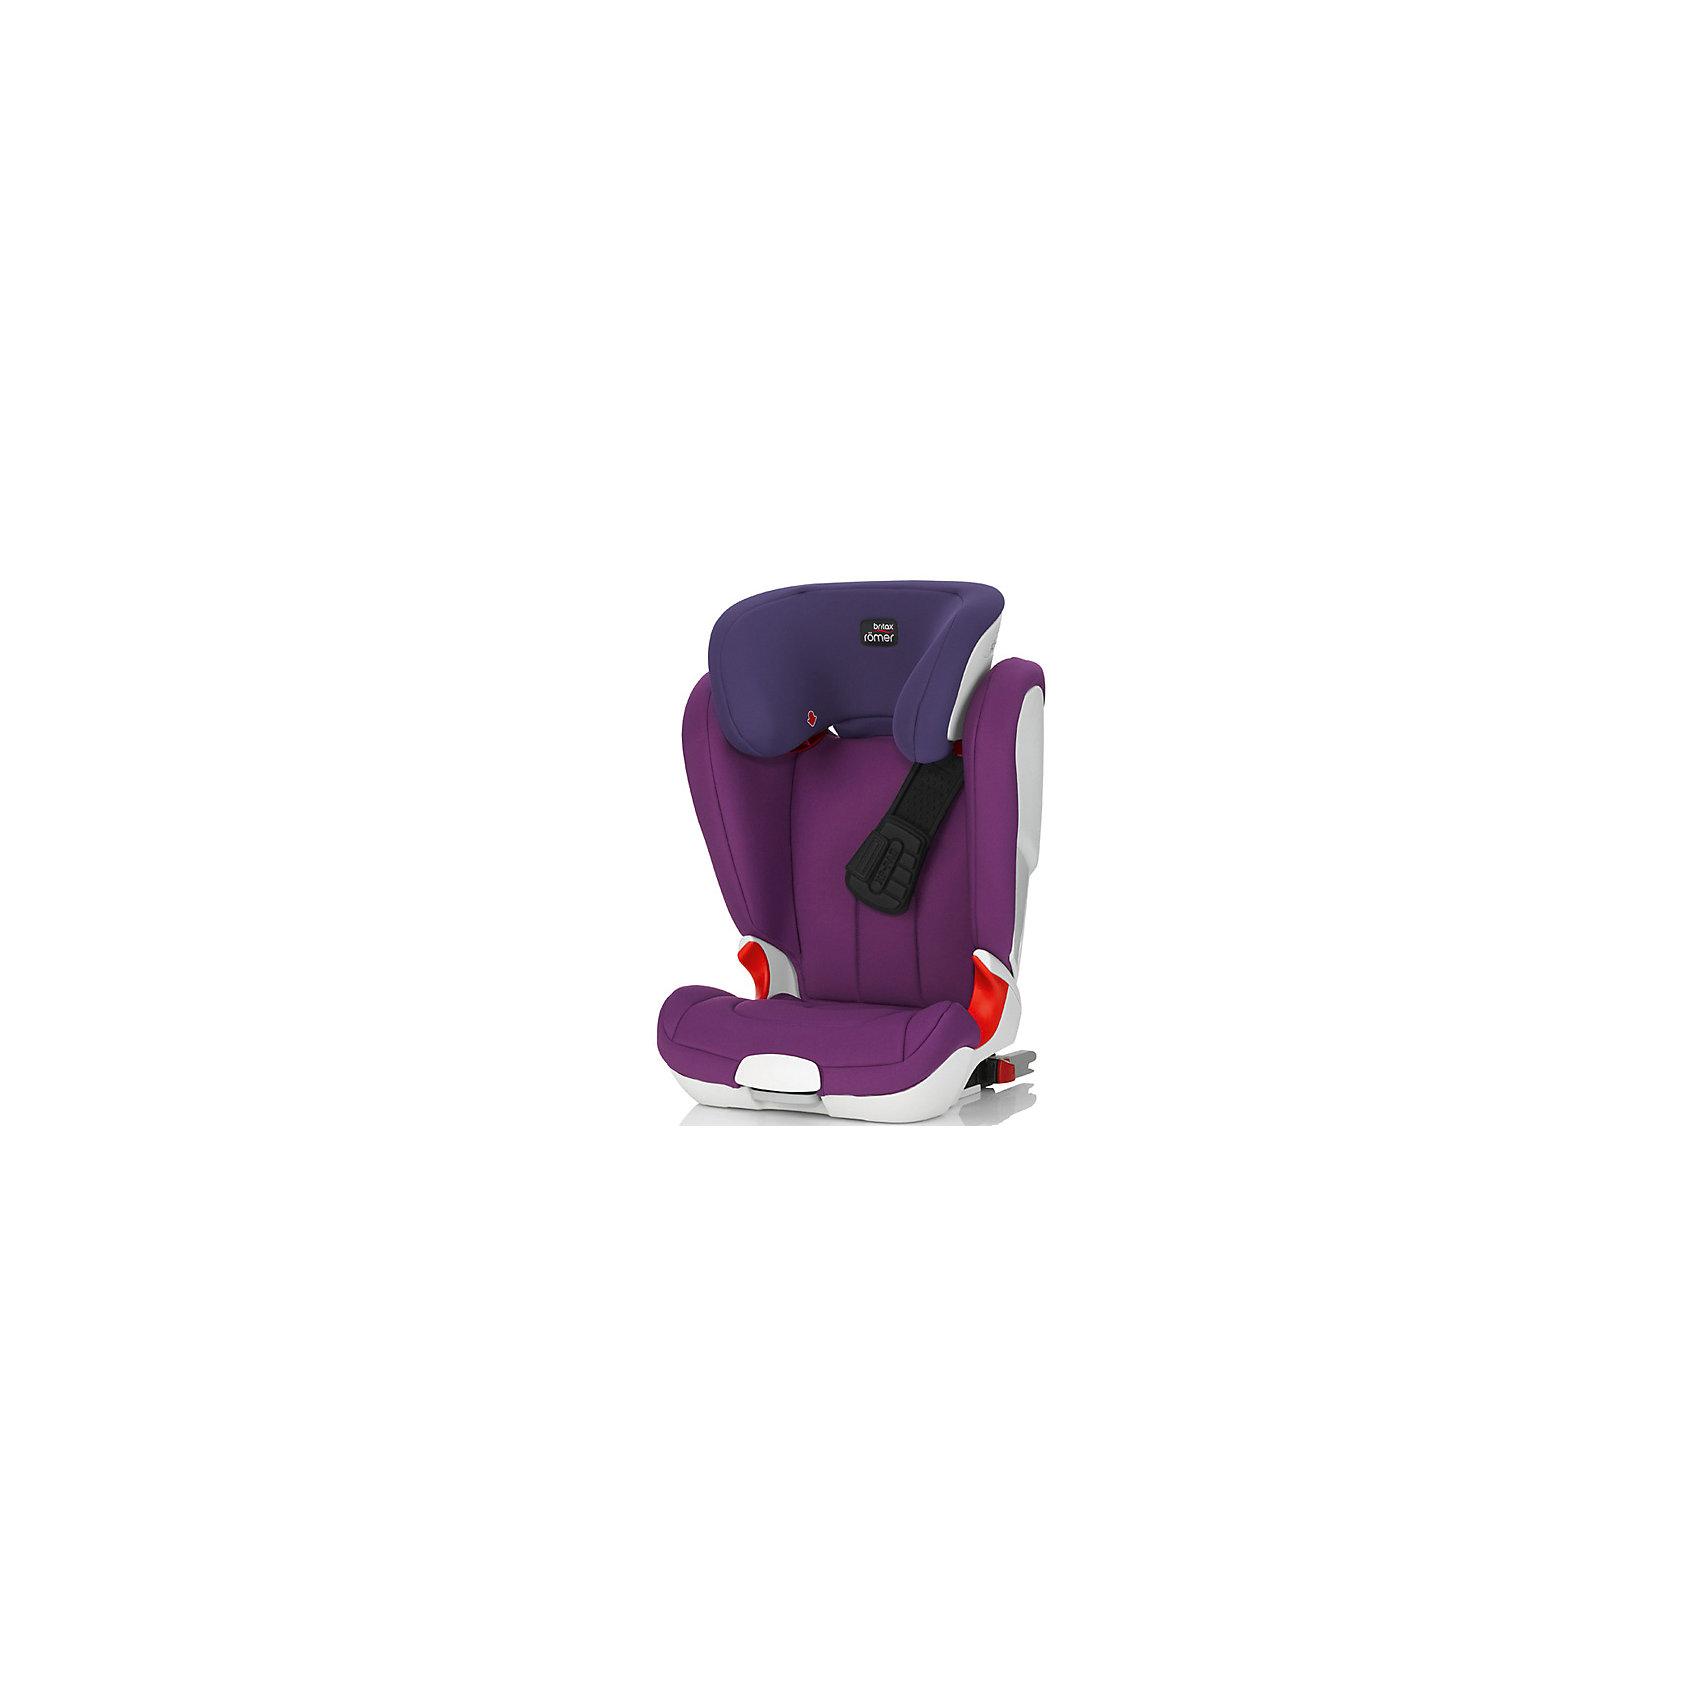 Britax Römer Автокресло KIDFIX XP, 15-36 кг., Britax Roemer, Mineral Purple britax römer автокресло kidfix xp sict 15 36 кг britax römer black thunder trendline